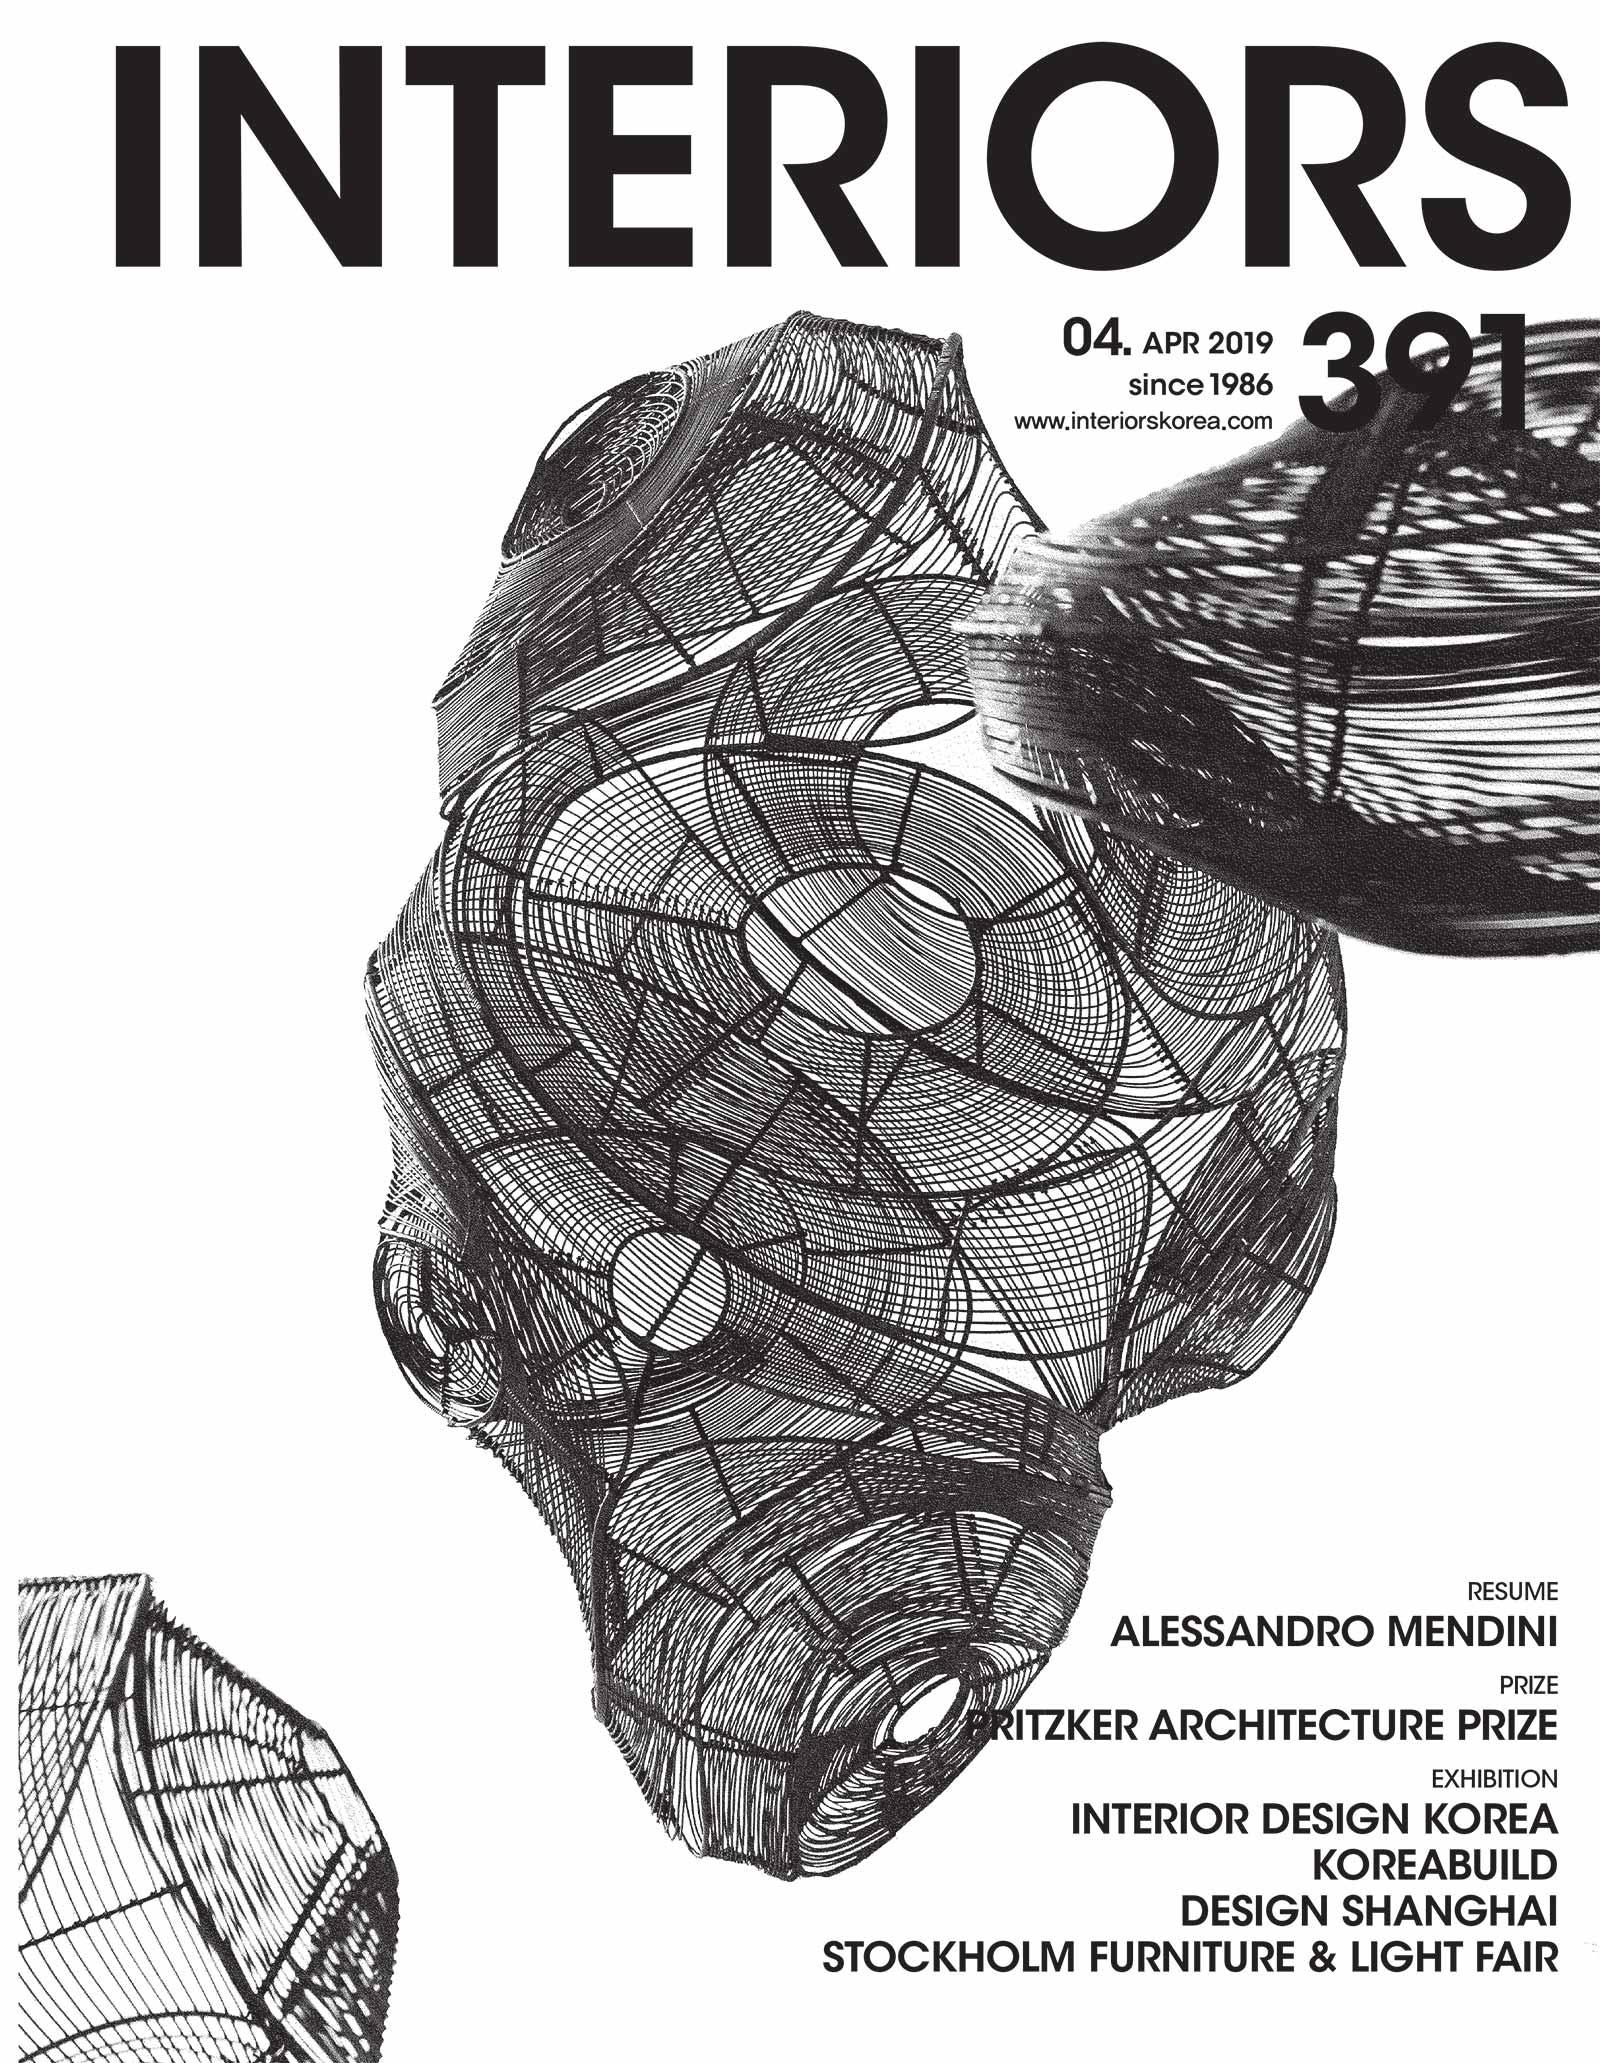 Made a Mano Press - Interiors Korea - Design City Article